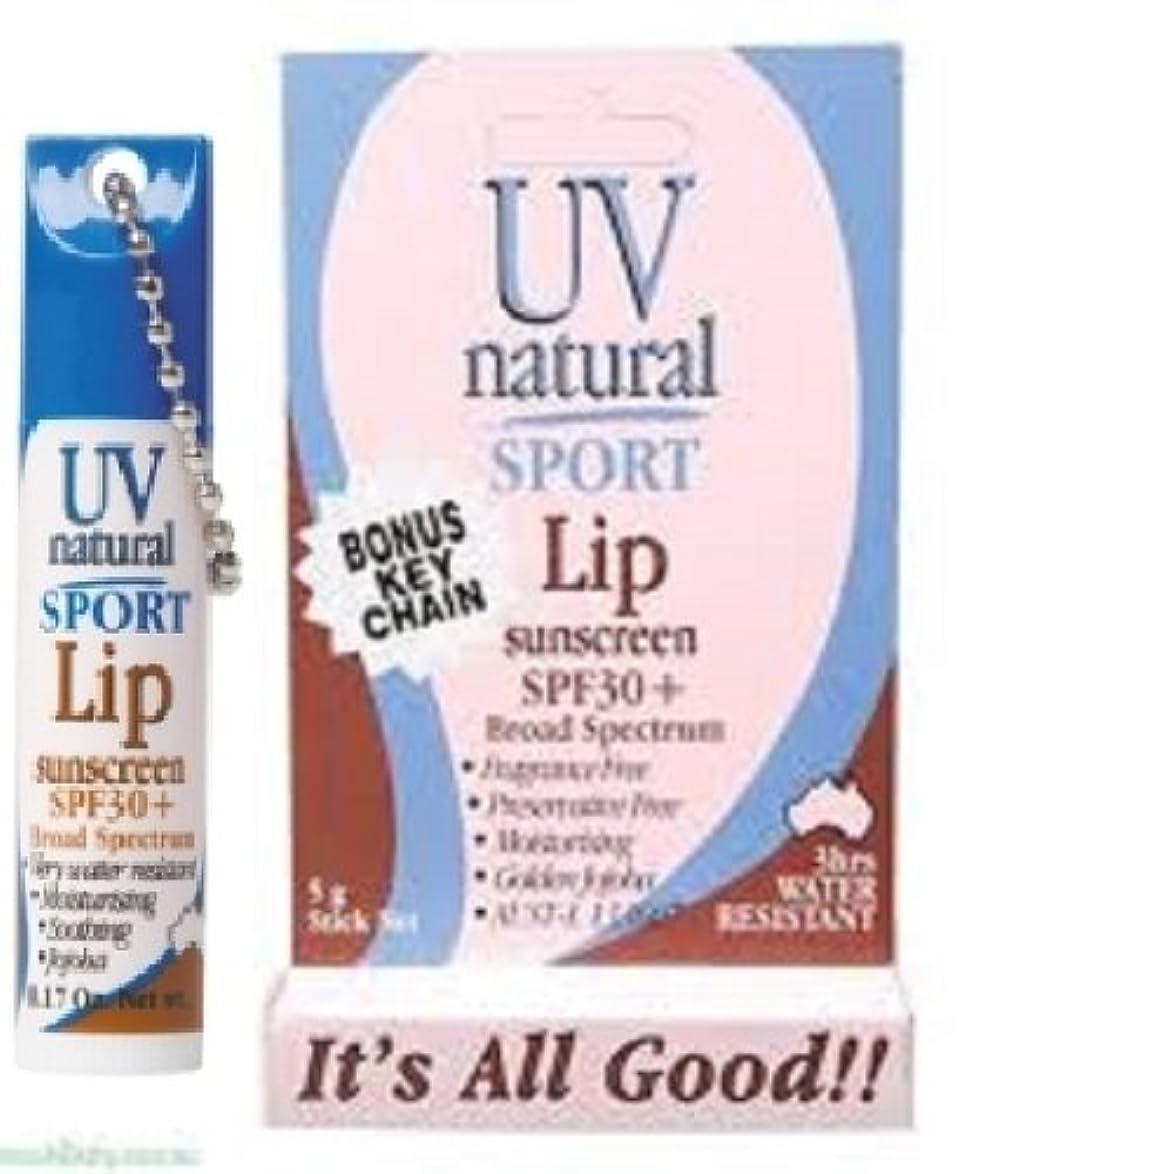 本土性格落ち着く【UV NATURAL】Lip Sunscreen 日焼け止め Sport SPF30+ 5g 3本セット